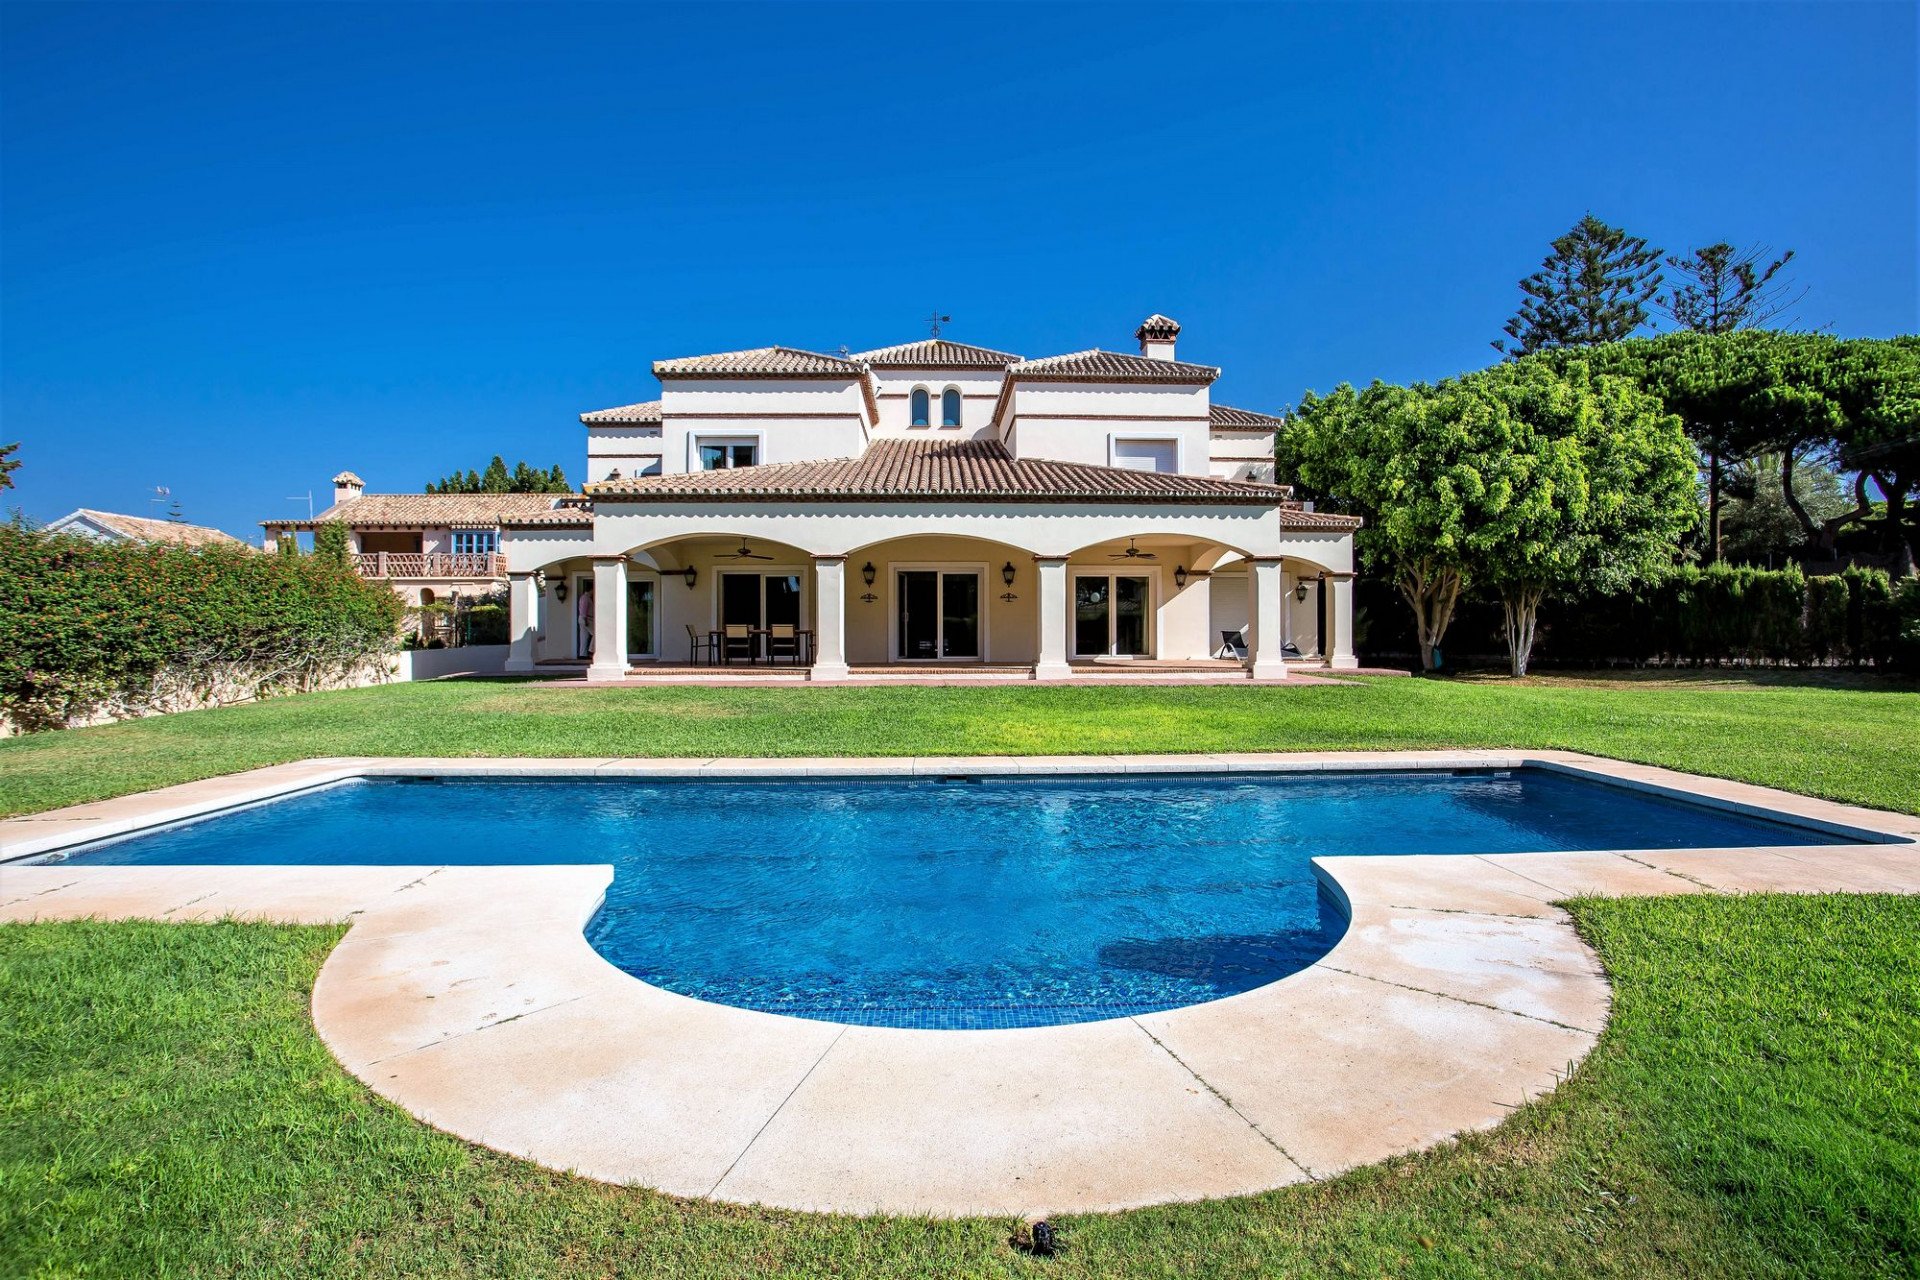 ARFV2012 - Schöne Strandvilla zum Verkauf in Artola in Marbella-Ost